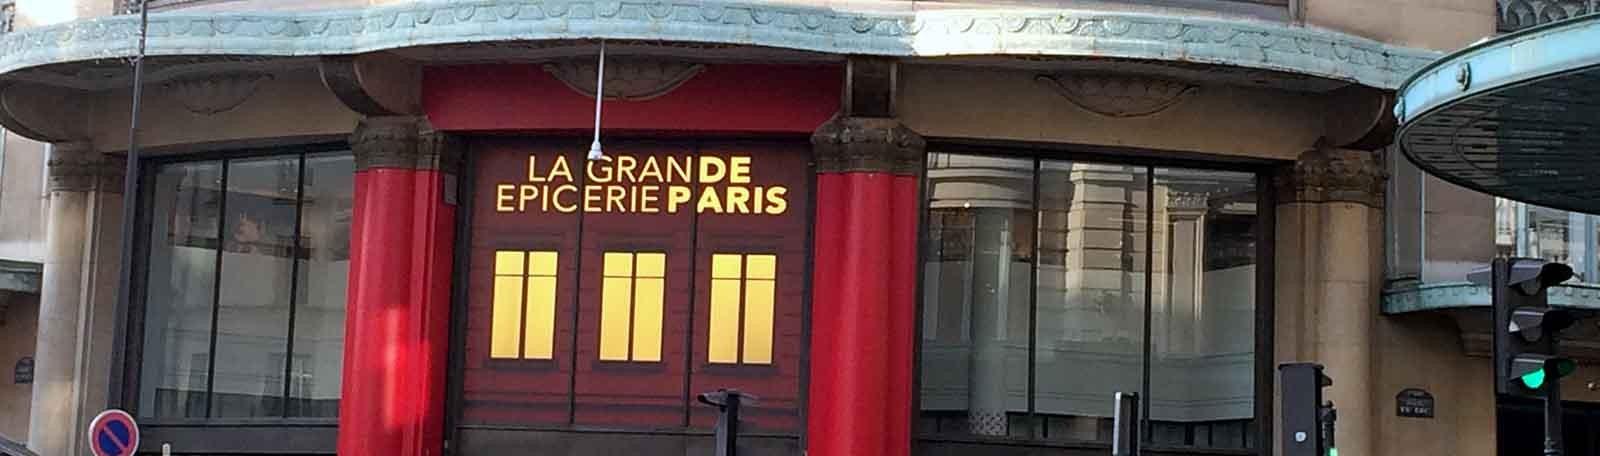 Parking Paris La Grande Epicerie de Paris